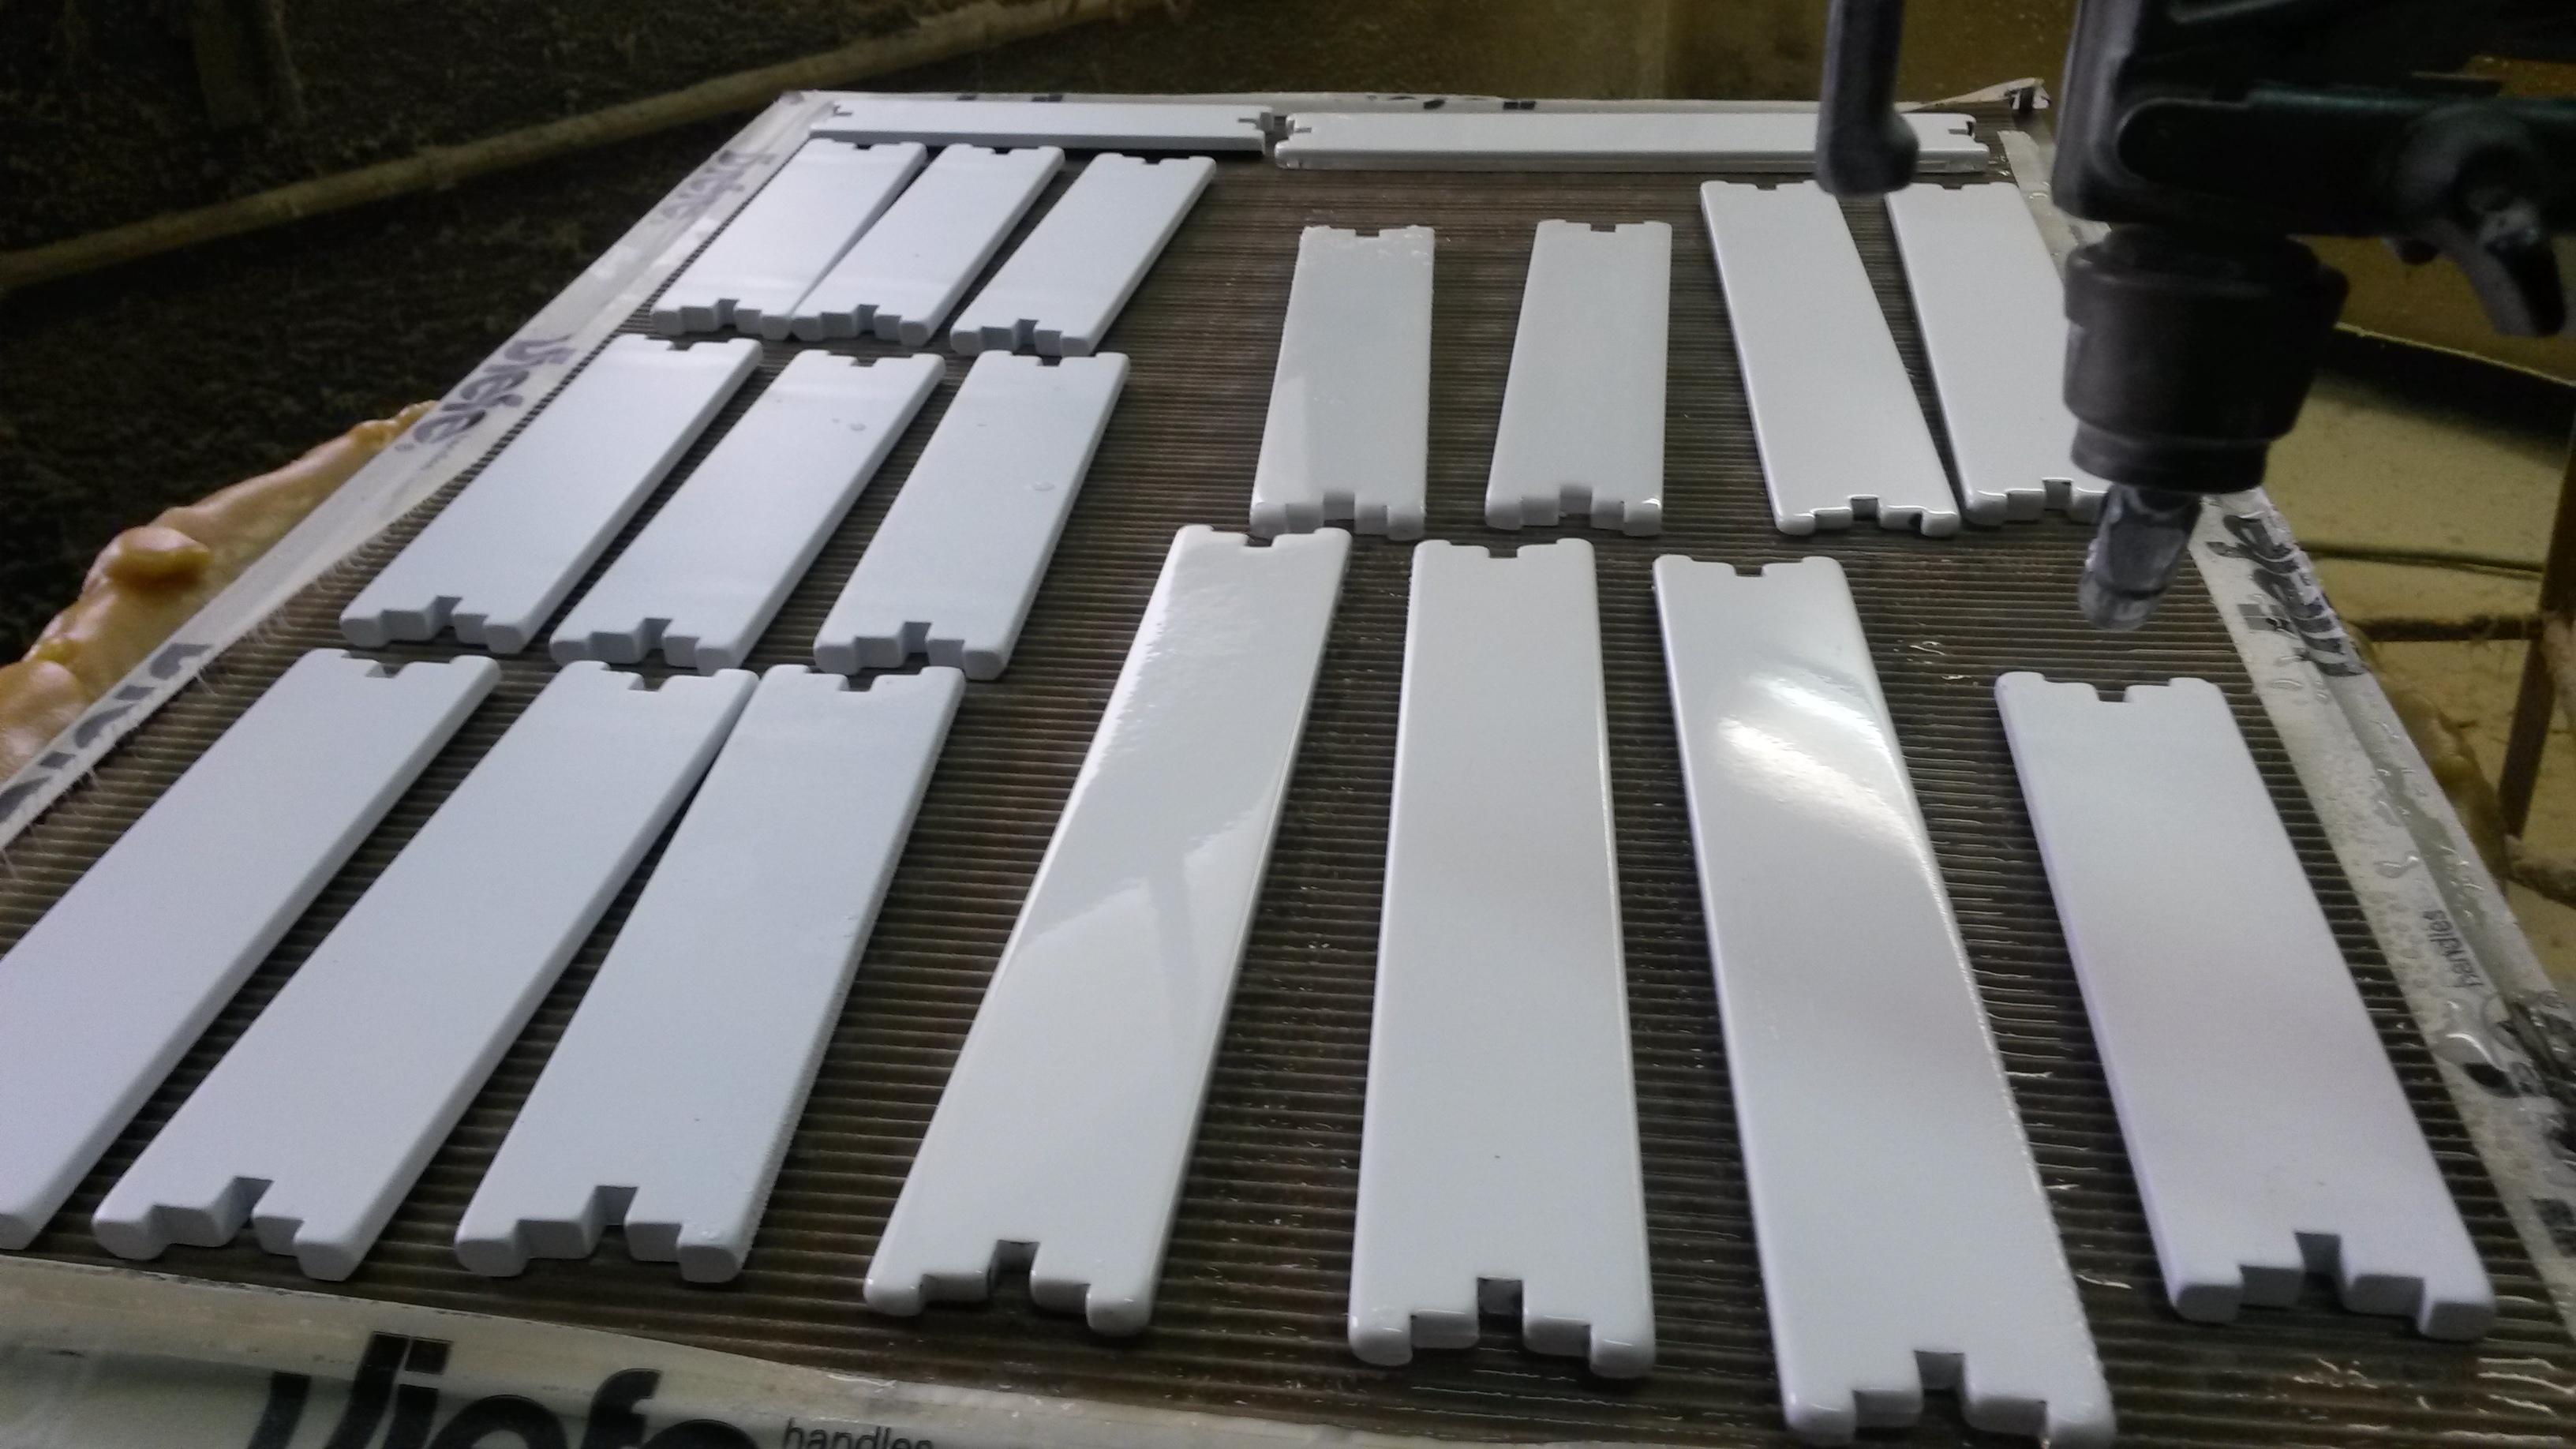 Proceso de pintura del tirador Bico de Viefe. Painting process of the Viefe's Bico  handle.